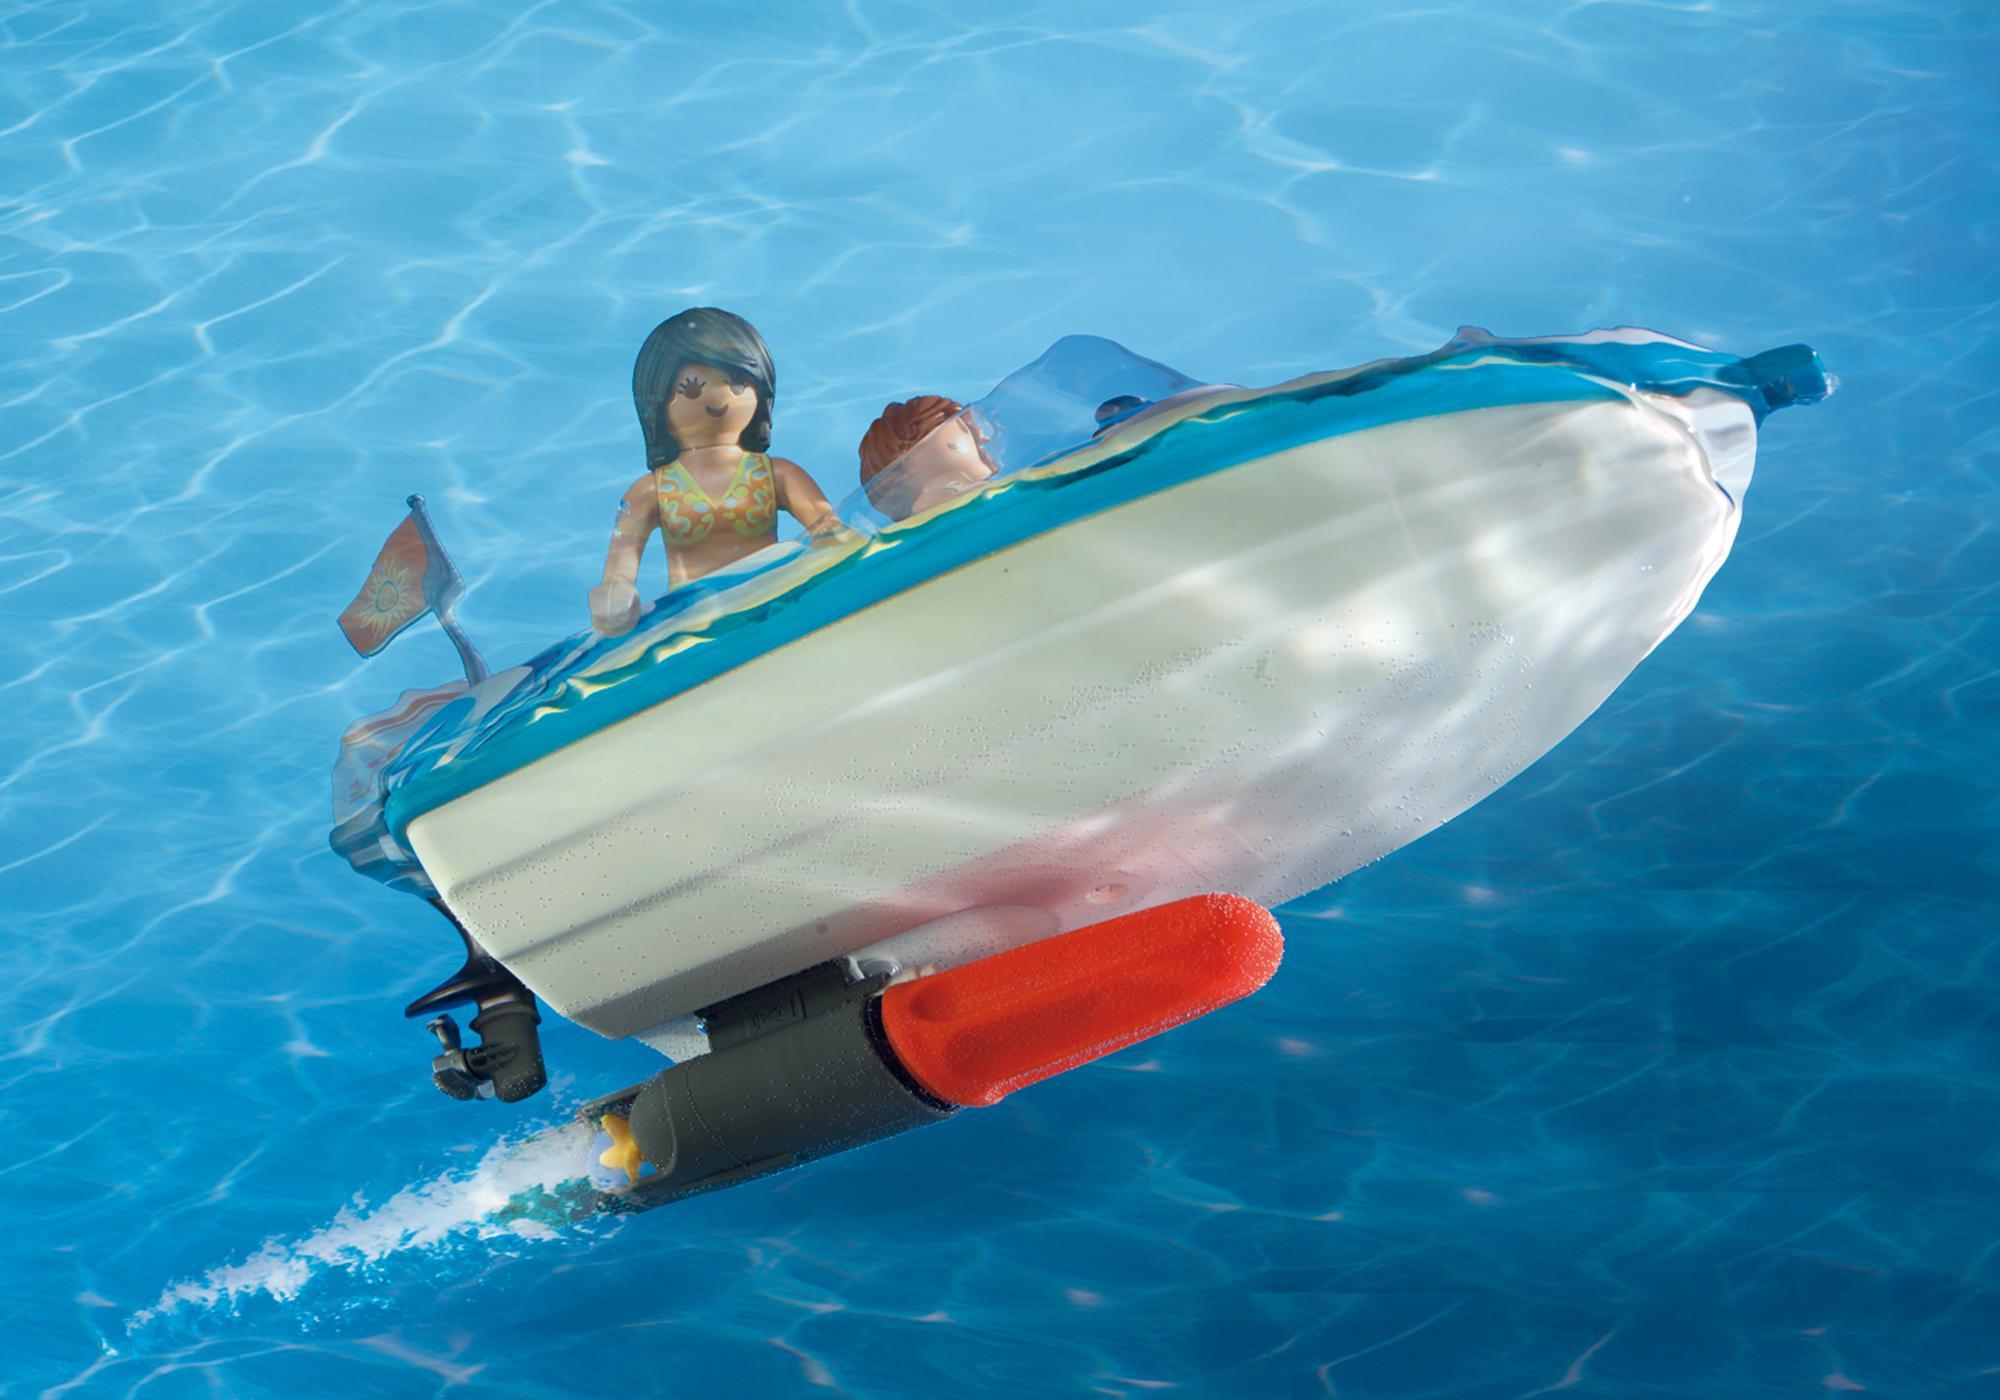 http://media.playmobil.com/i/playmobil/6864_product_extra3/Pickup med motorbåt med undervattenmotor